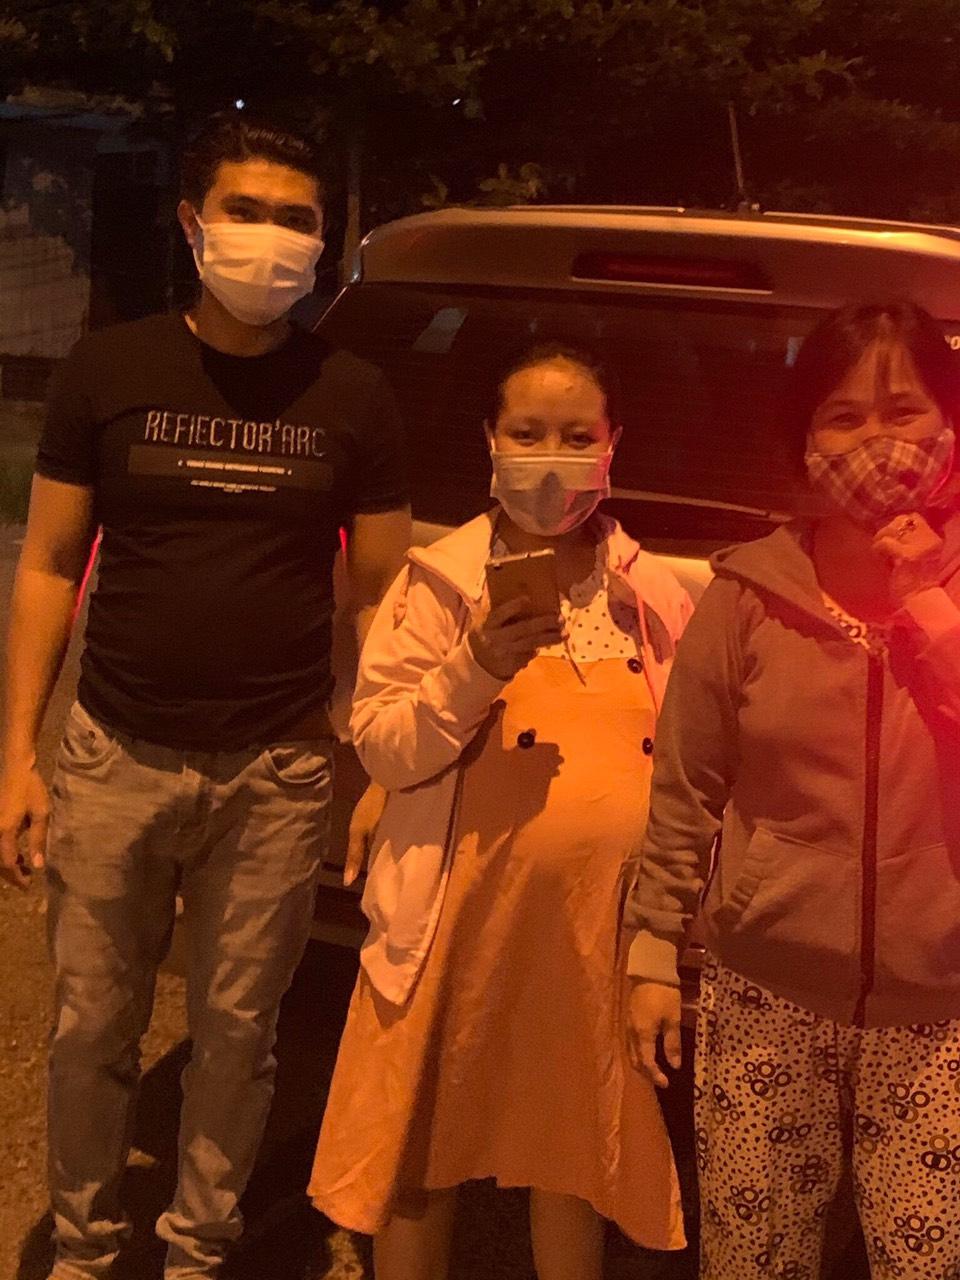 Tối 6/8, vì không có tài xế ở gần nên anh Ngô Hoàng Phong dù đang chịu tang bố cũng kịp thời hỗ trợ một mẹ bầu có dấu hiệu sinh ở phường Nại Hiên, quận Sơn Trà đến bệnh viện. Ảnh: Hoàng Phong.